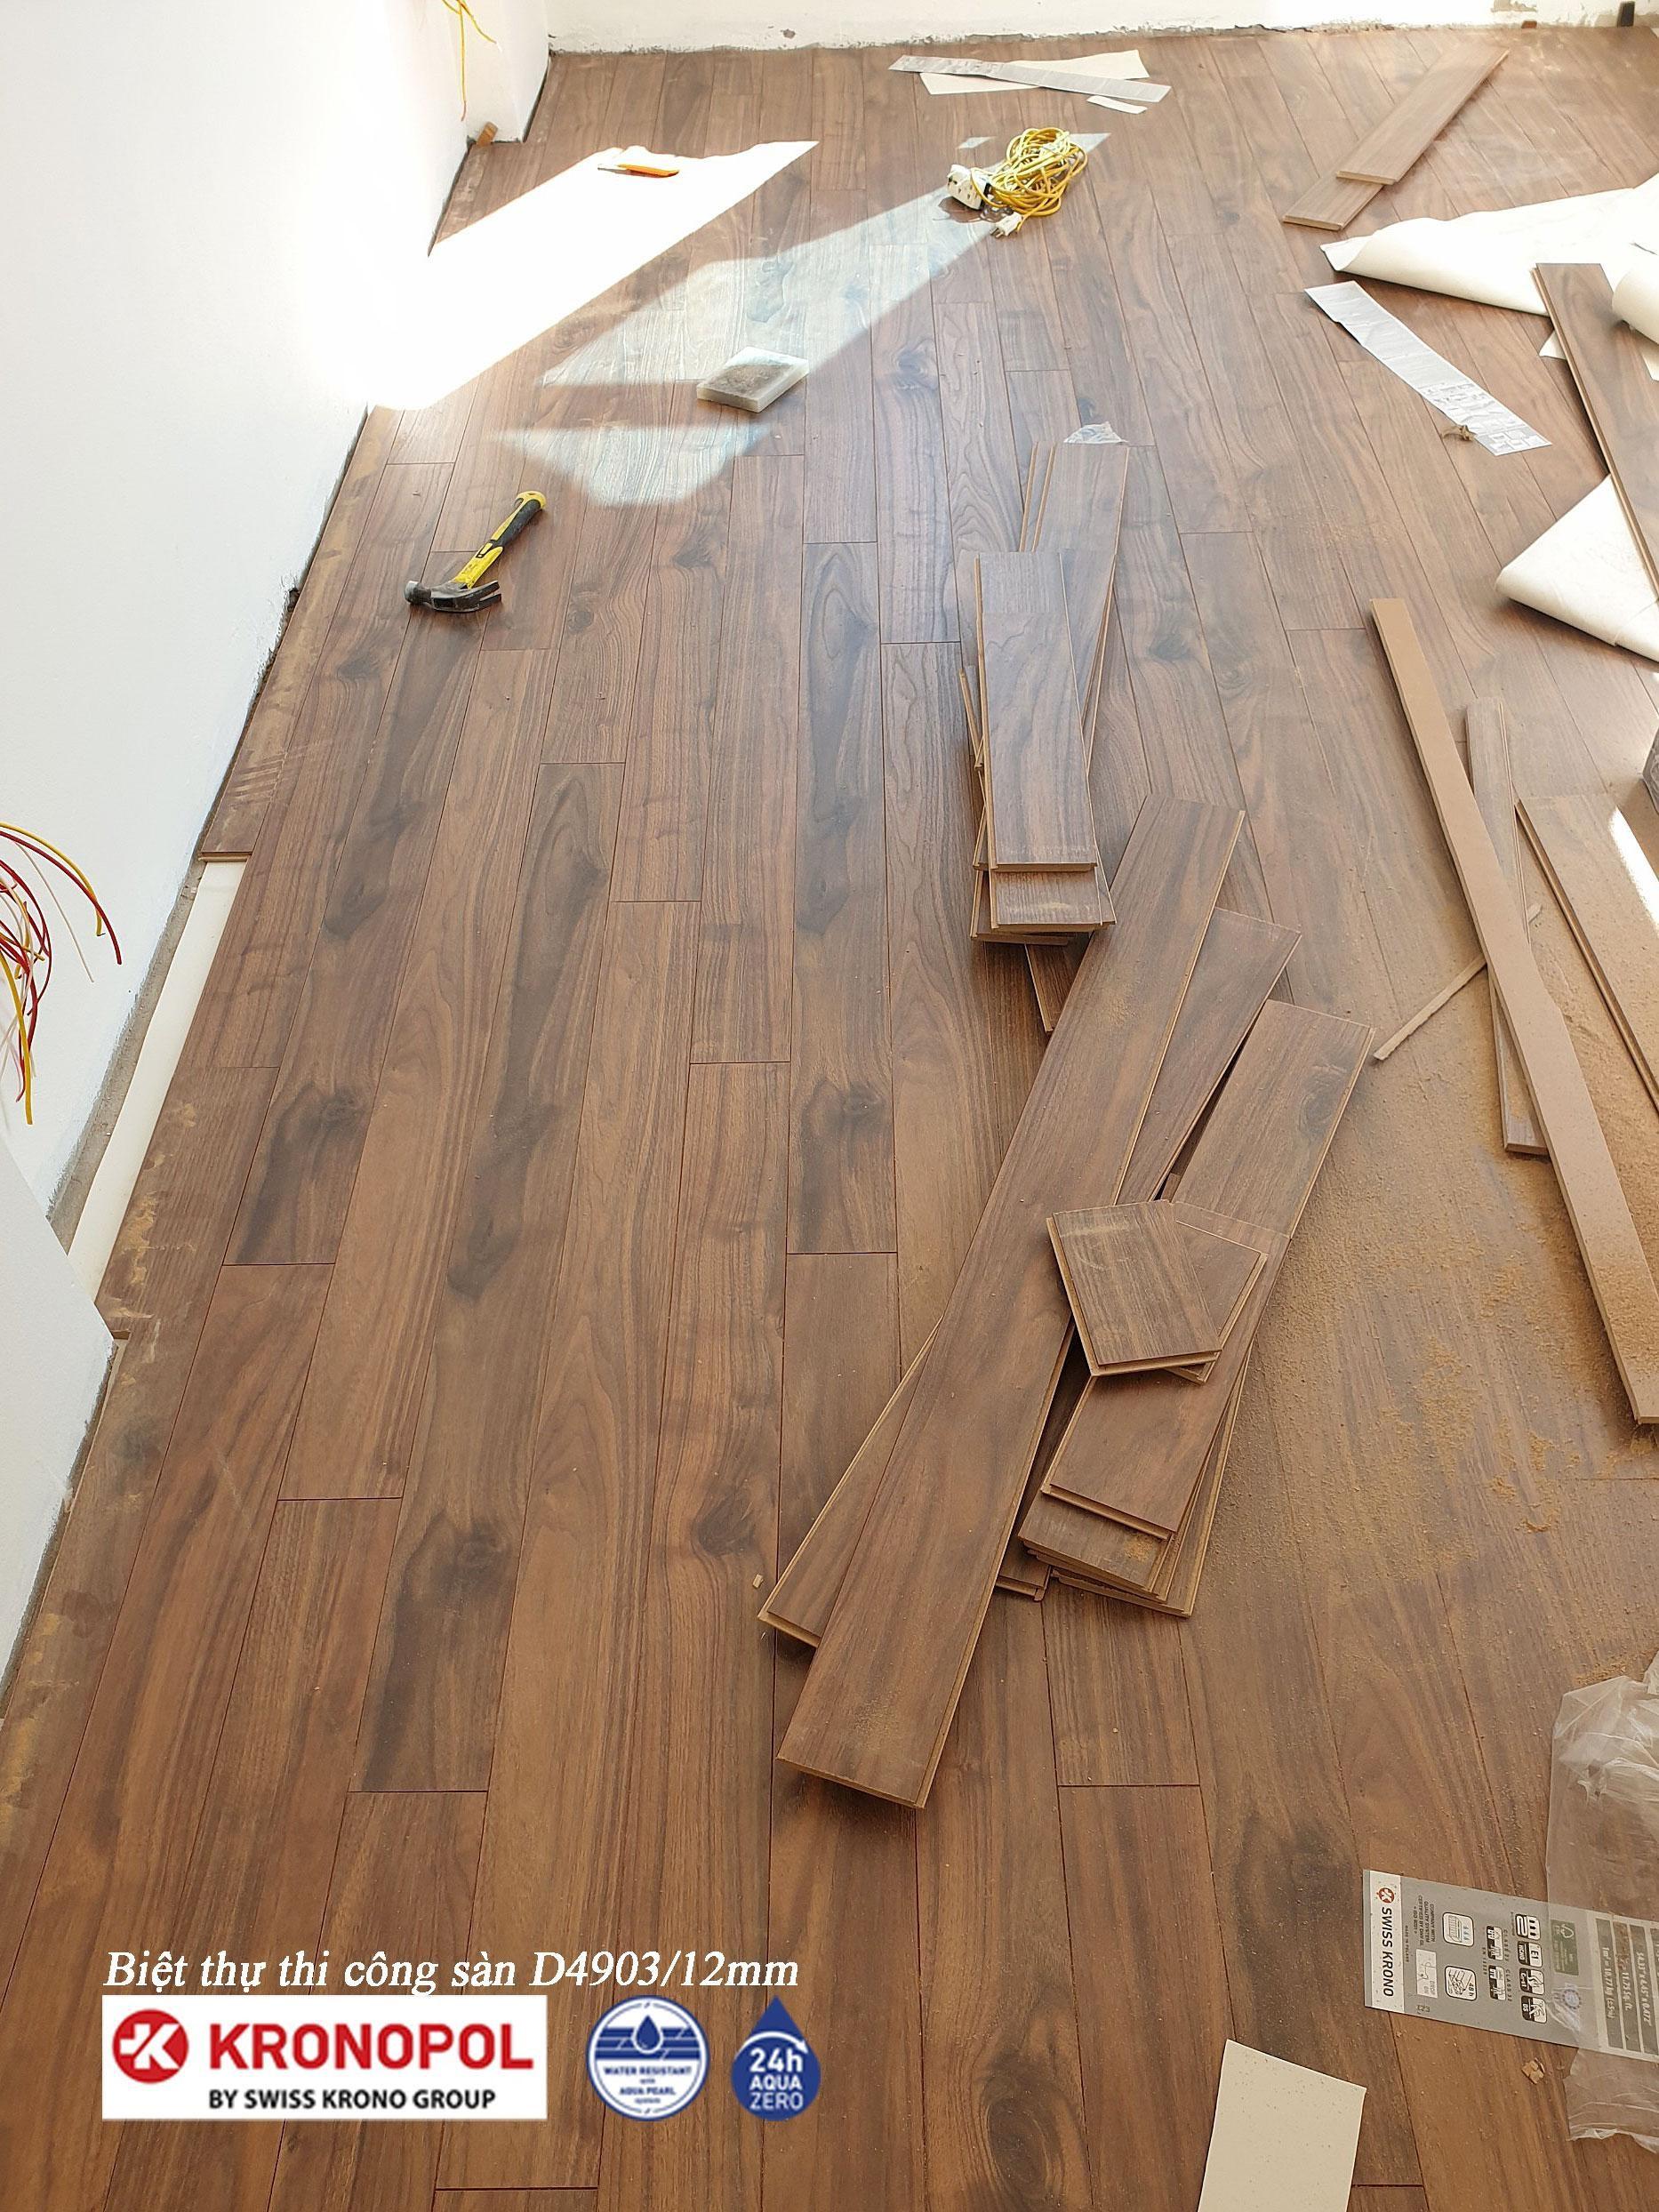 Thi công hoàn thiện sàn gỗ Kronopol D4903 - Biệt Thự Bắc Giang